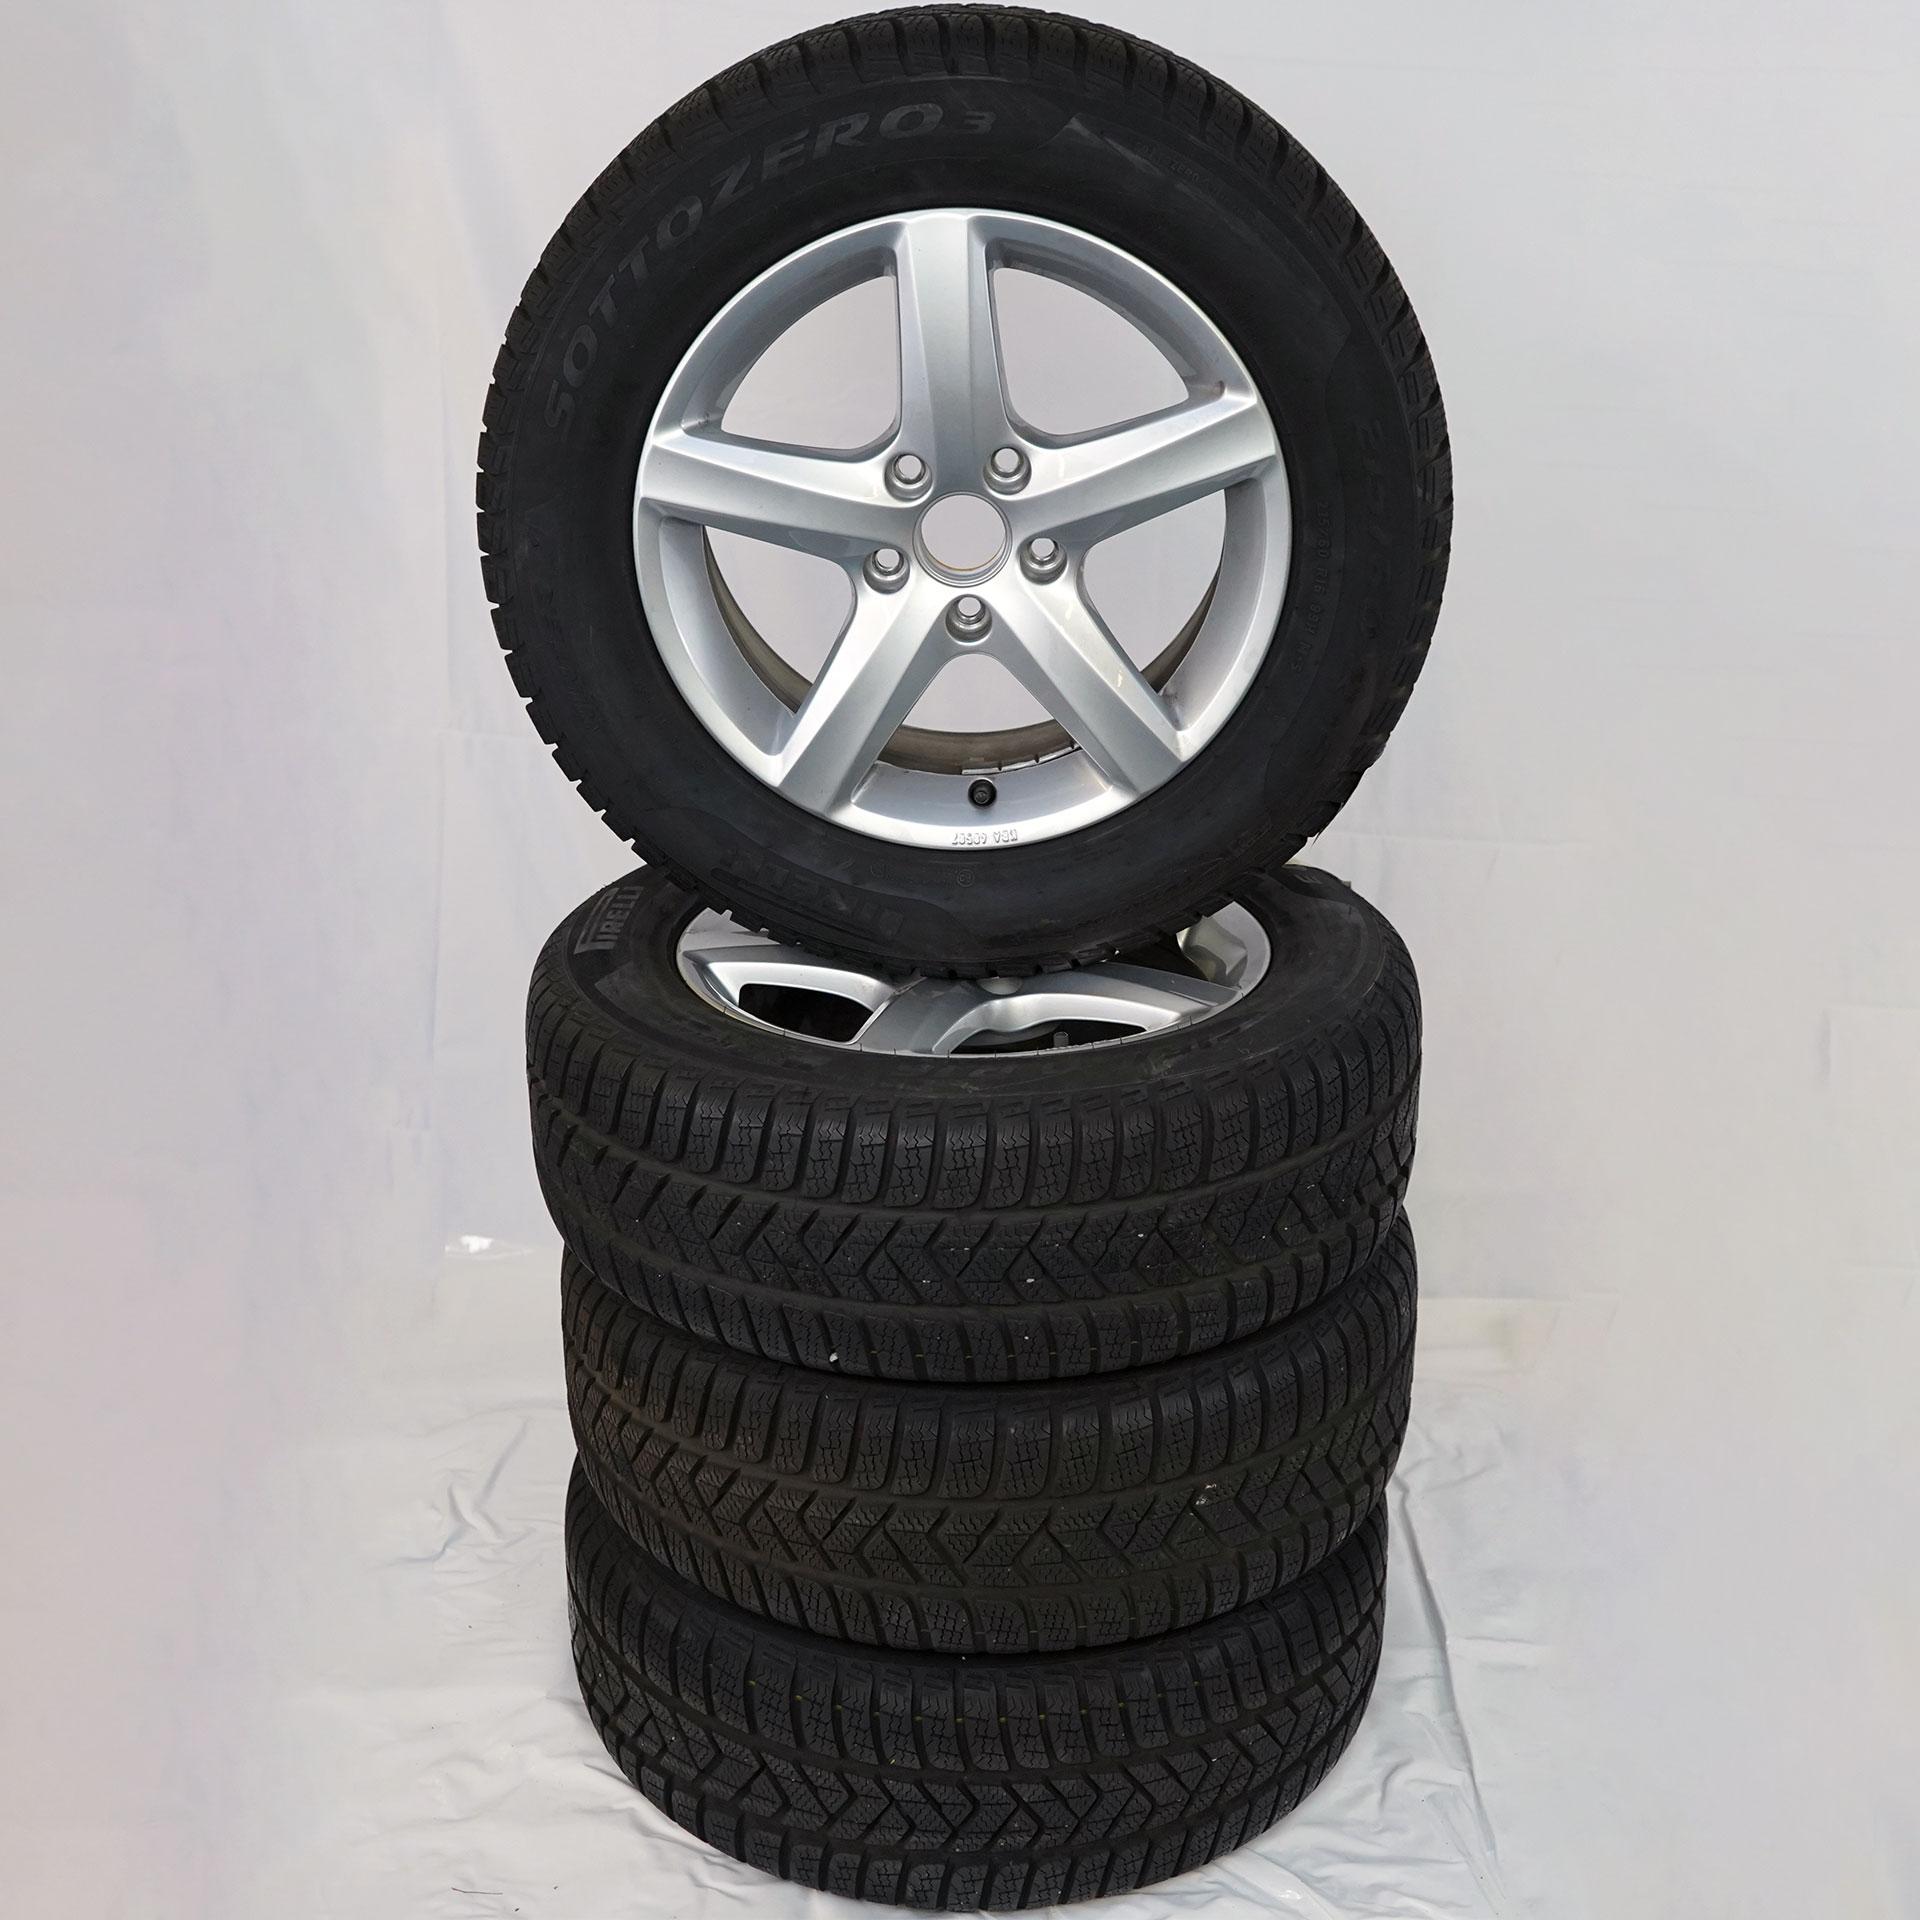 Gebrauchter 16 Zoll Original Volkswagen Winterkomplettrad-Satz VW Golf VII Pirelli